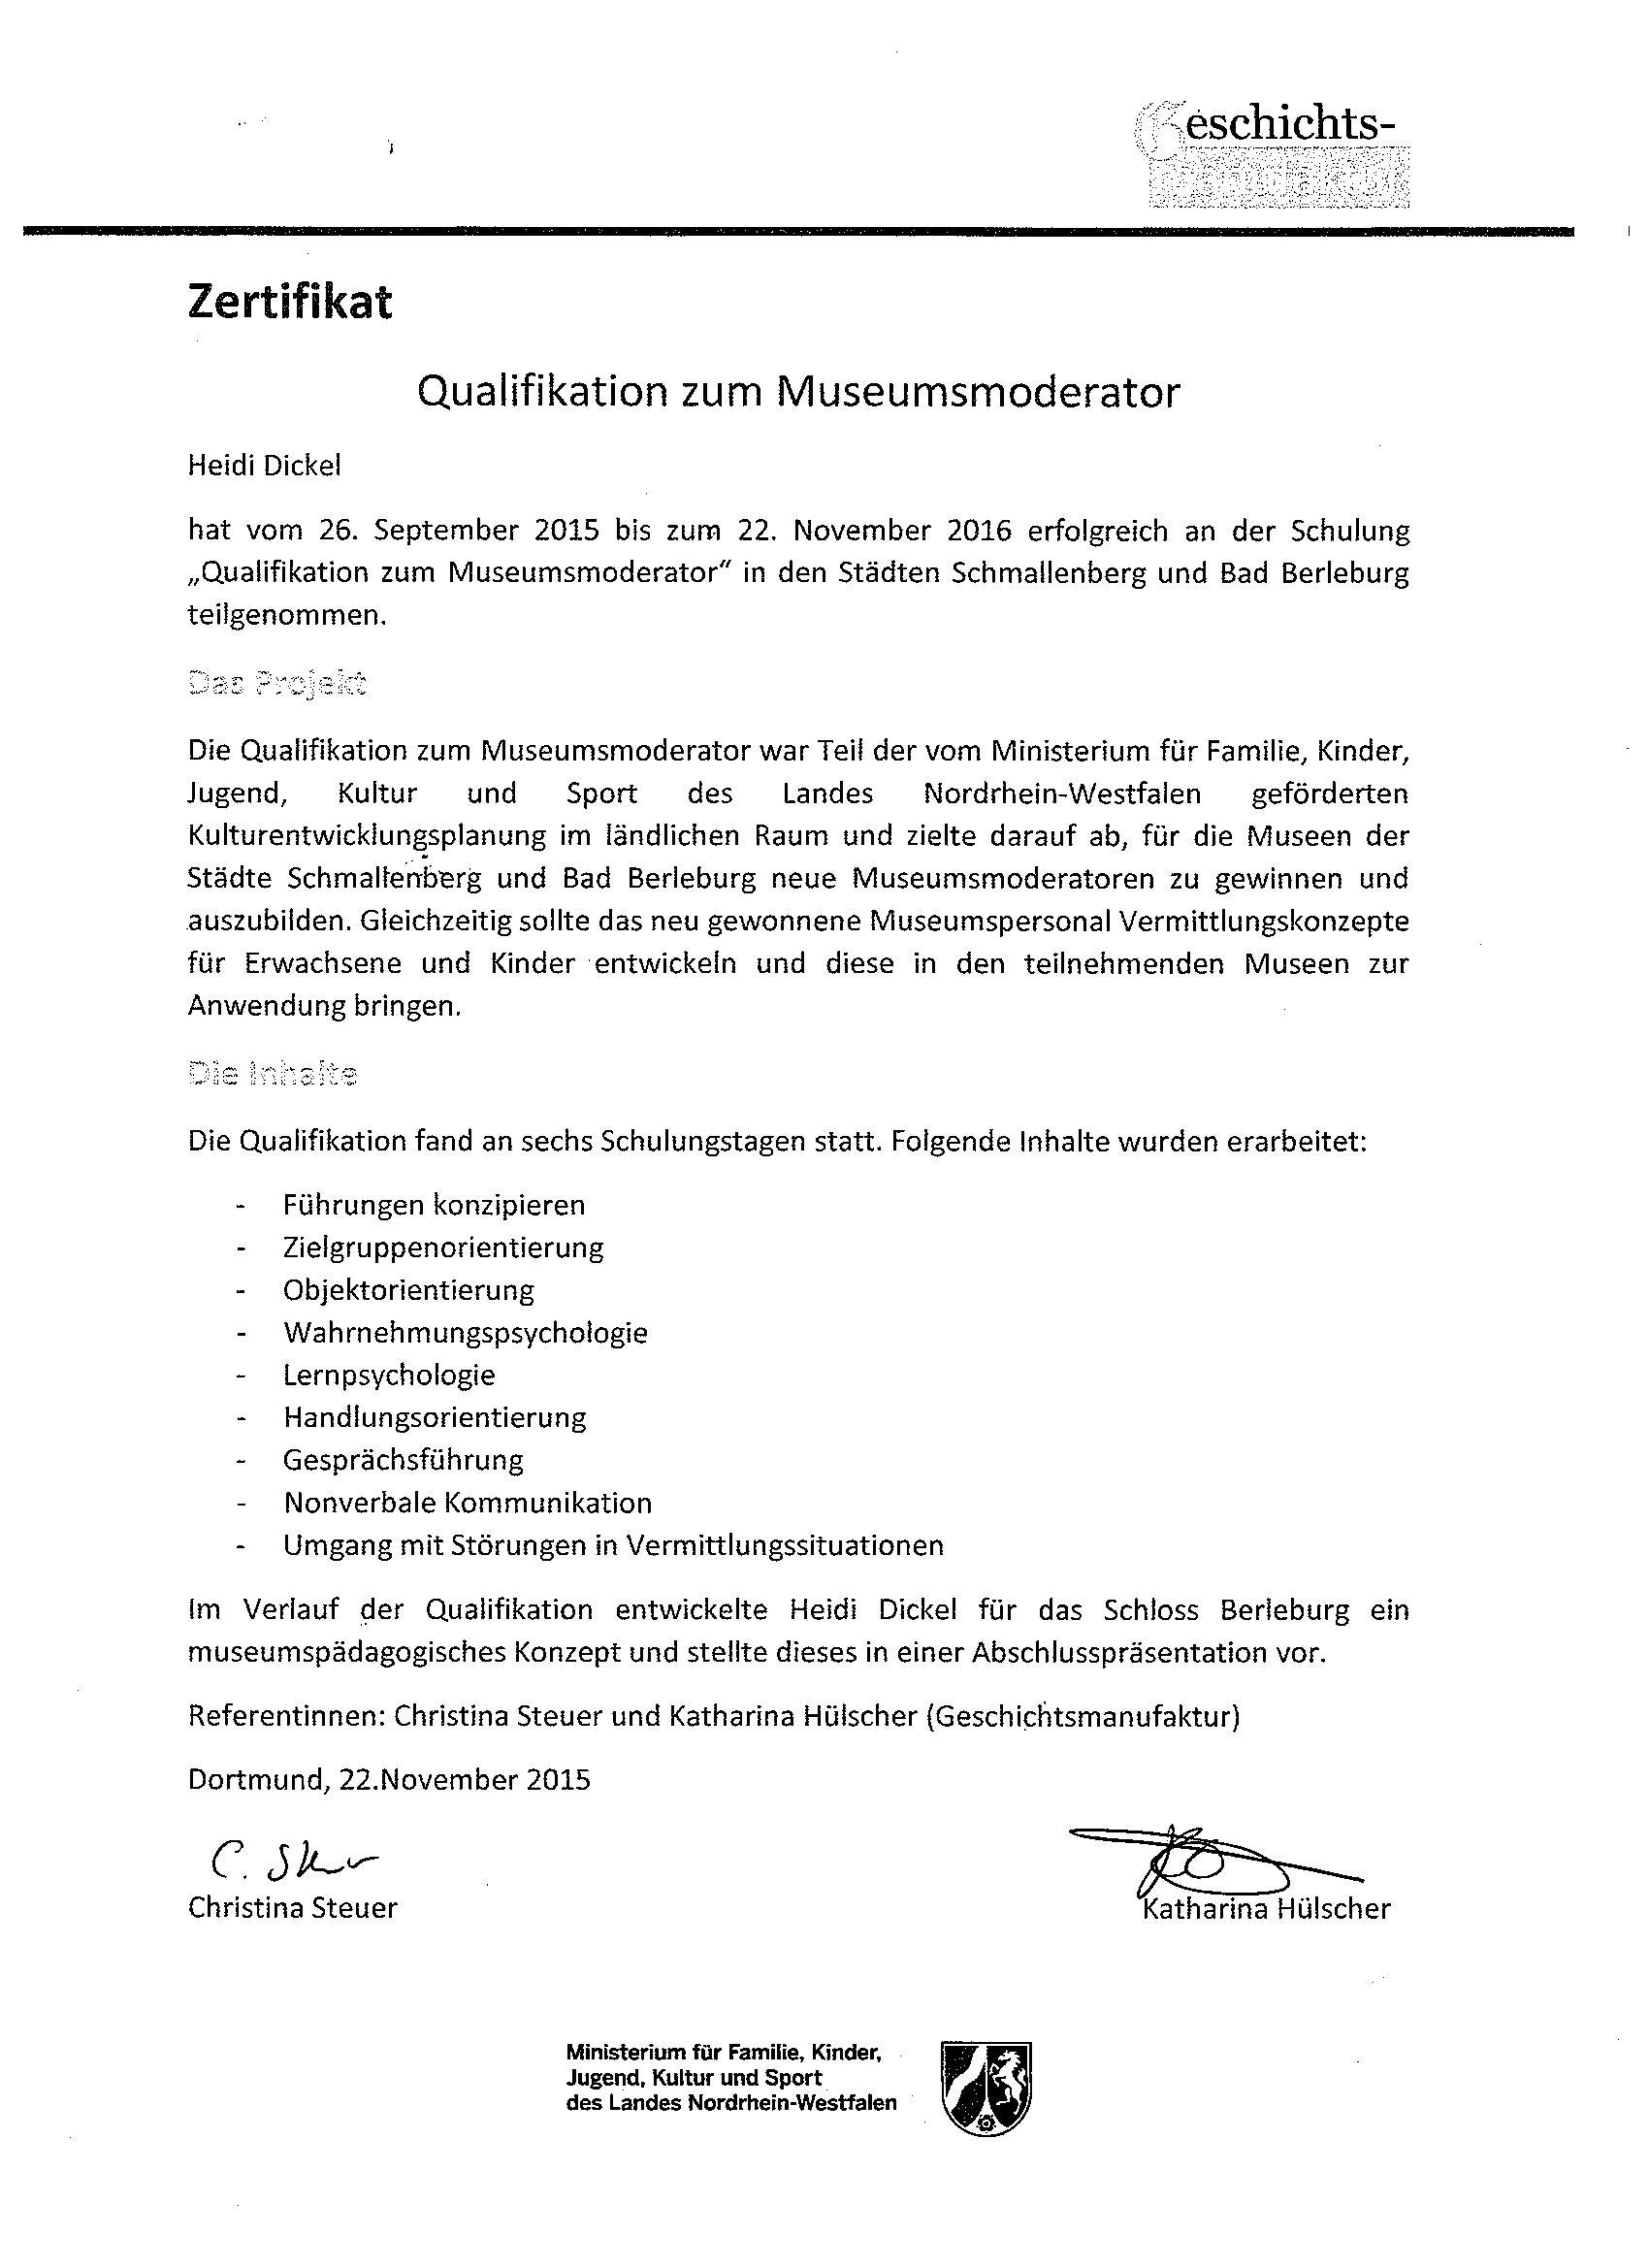 Zertifizierung Museumsmoderatorin